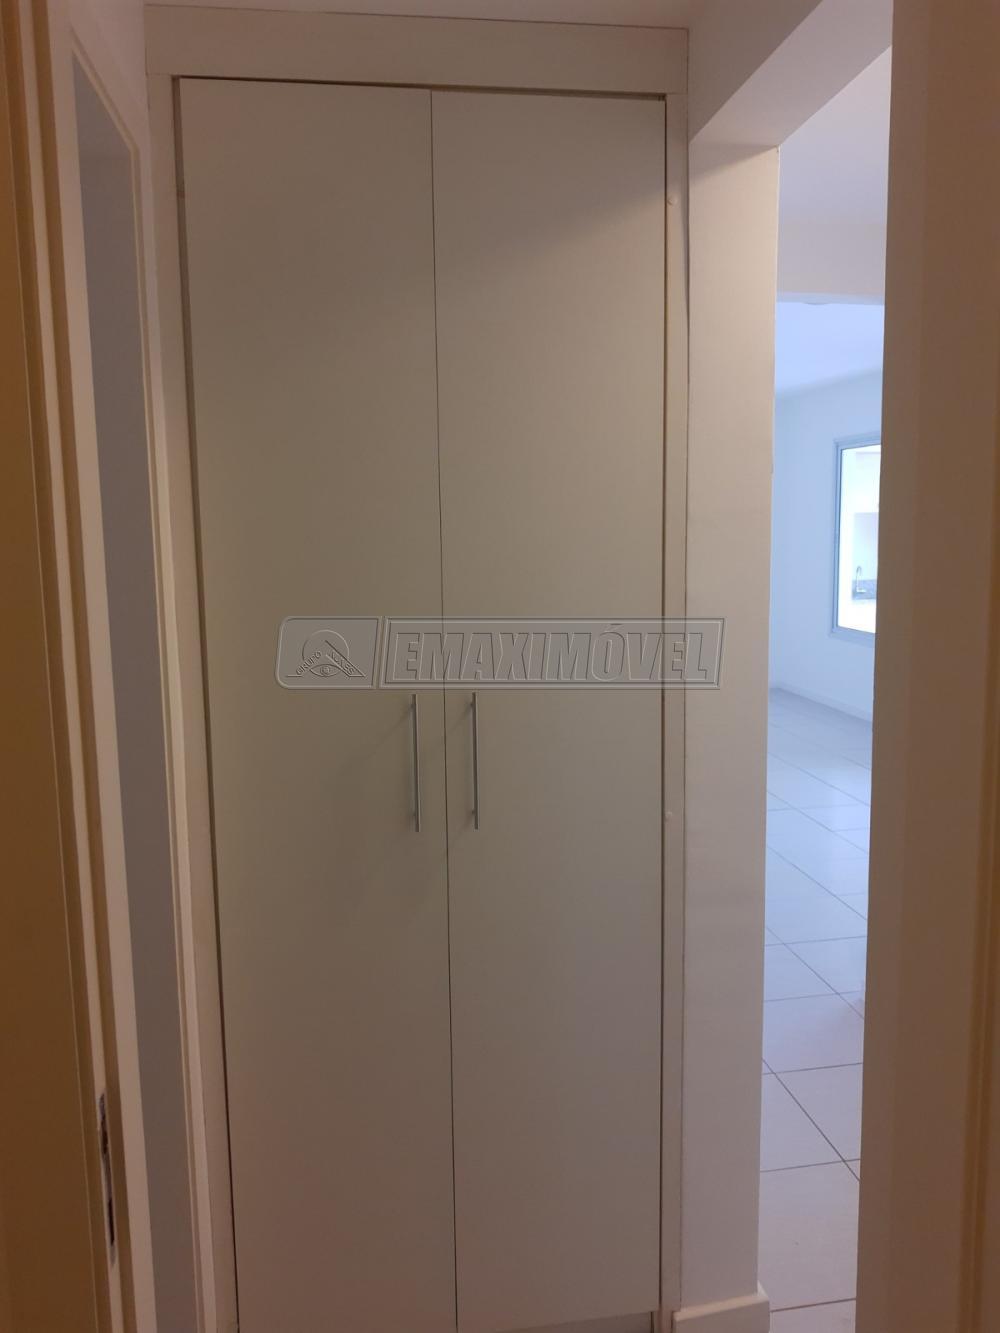 Alugar Apartamentos / Apto Padrão em Sorocaba apenas R$ 2.200,00 - Foto 17